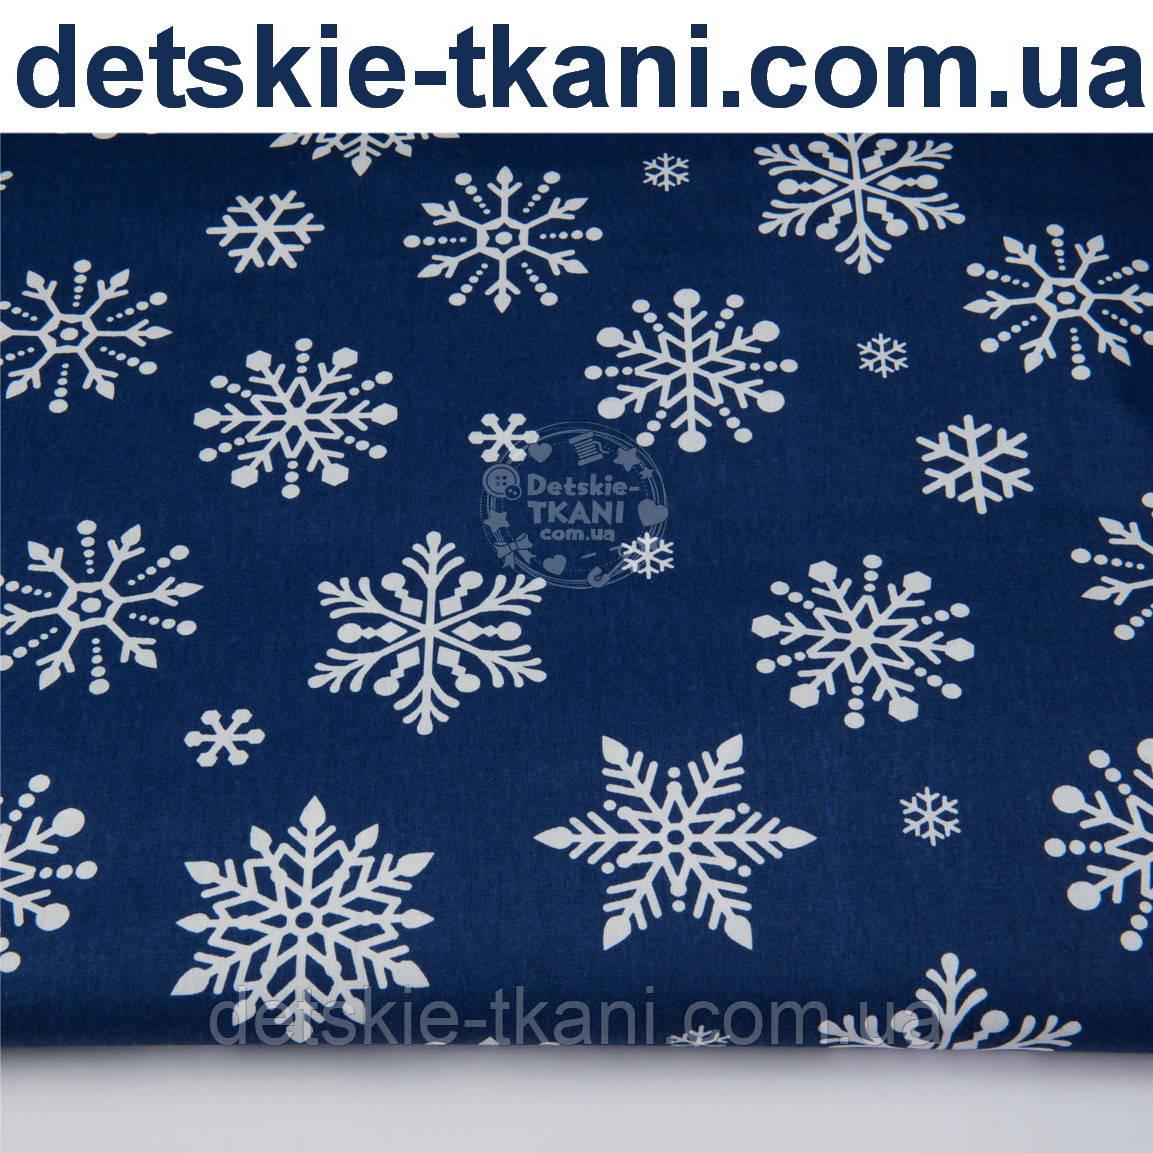 """Ткань новогодняя """"Снежинки-бусинки"""" на синем фоне, № 1096"""